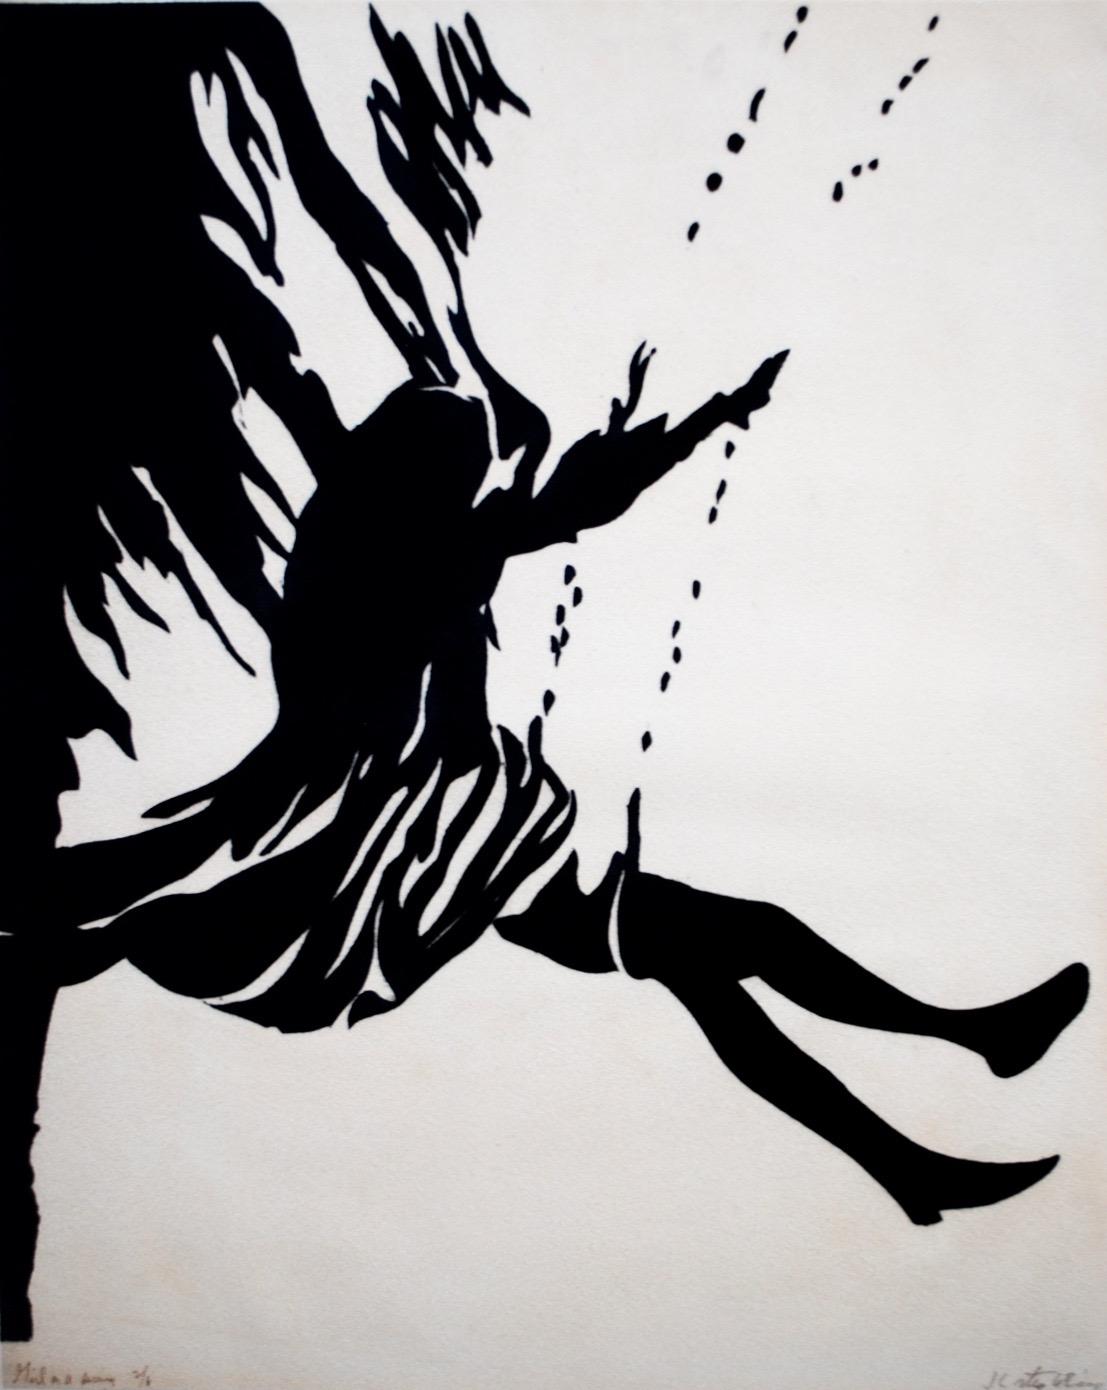 Girl in a Swing, 1968